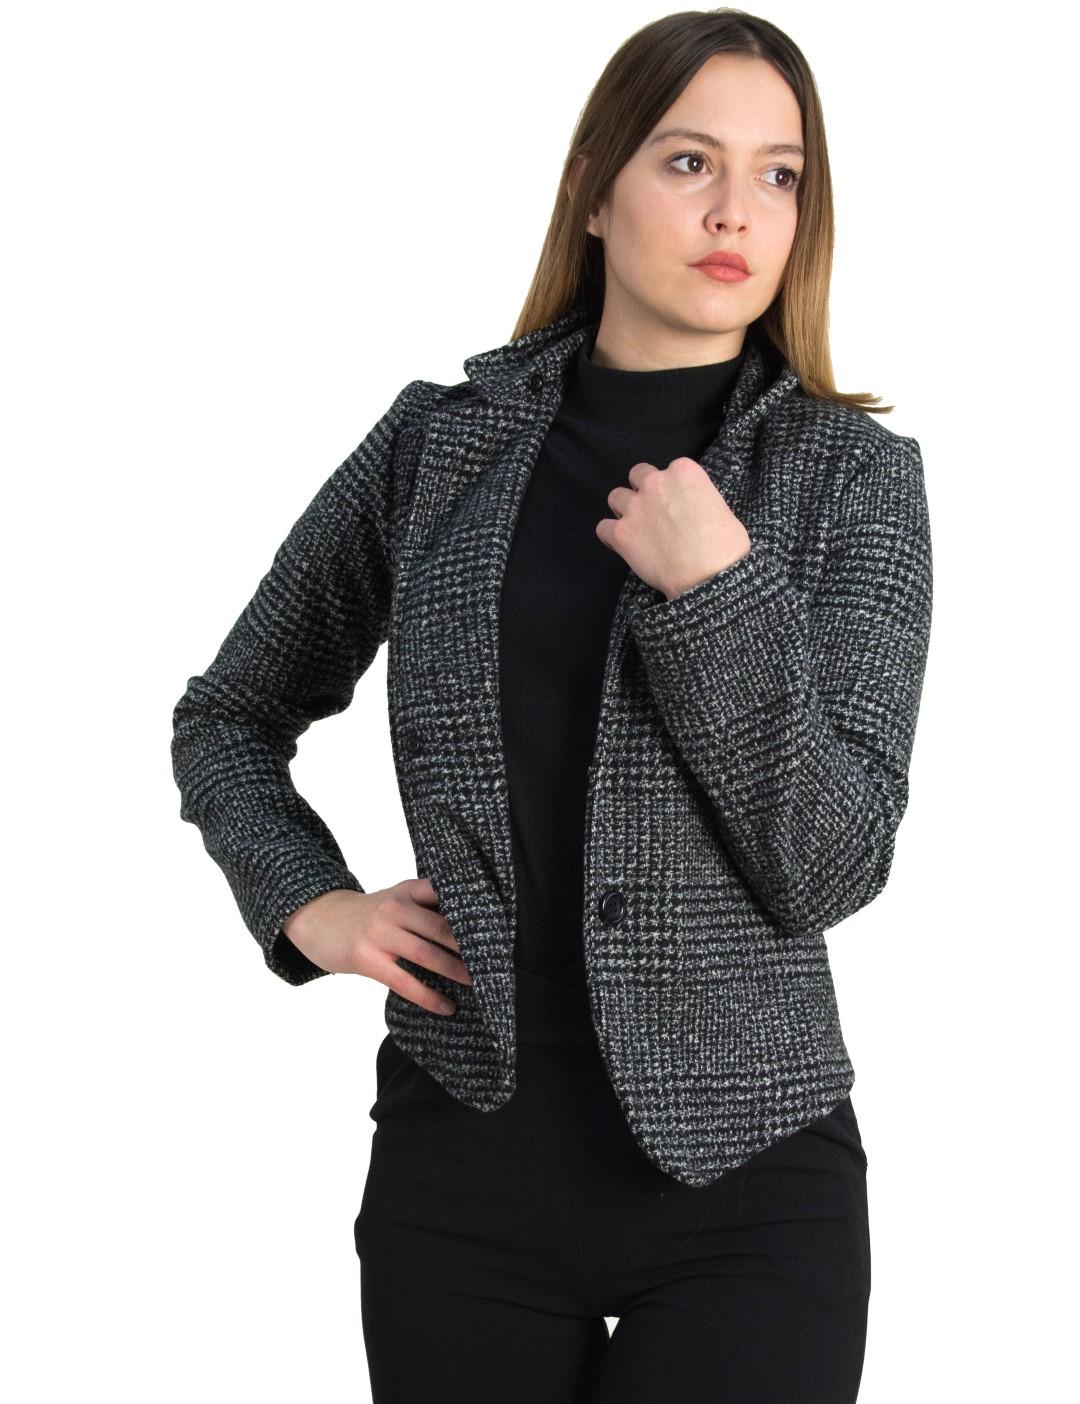 374a9555a5c7 Γυναικείο ζακάρ σακάκι Benissimo μαύρο αποσπώμενη γούνα 64527 - Glami.gr